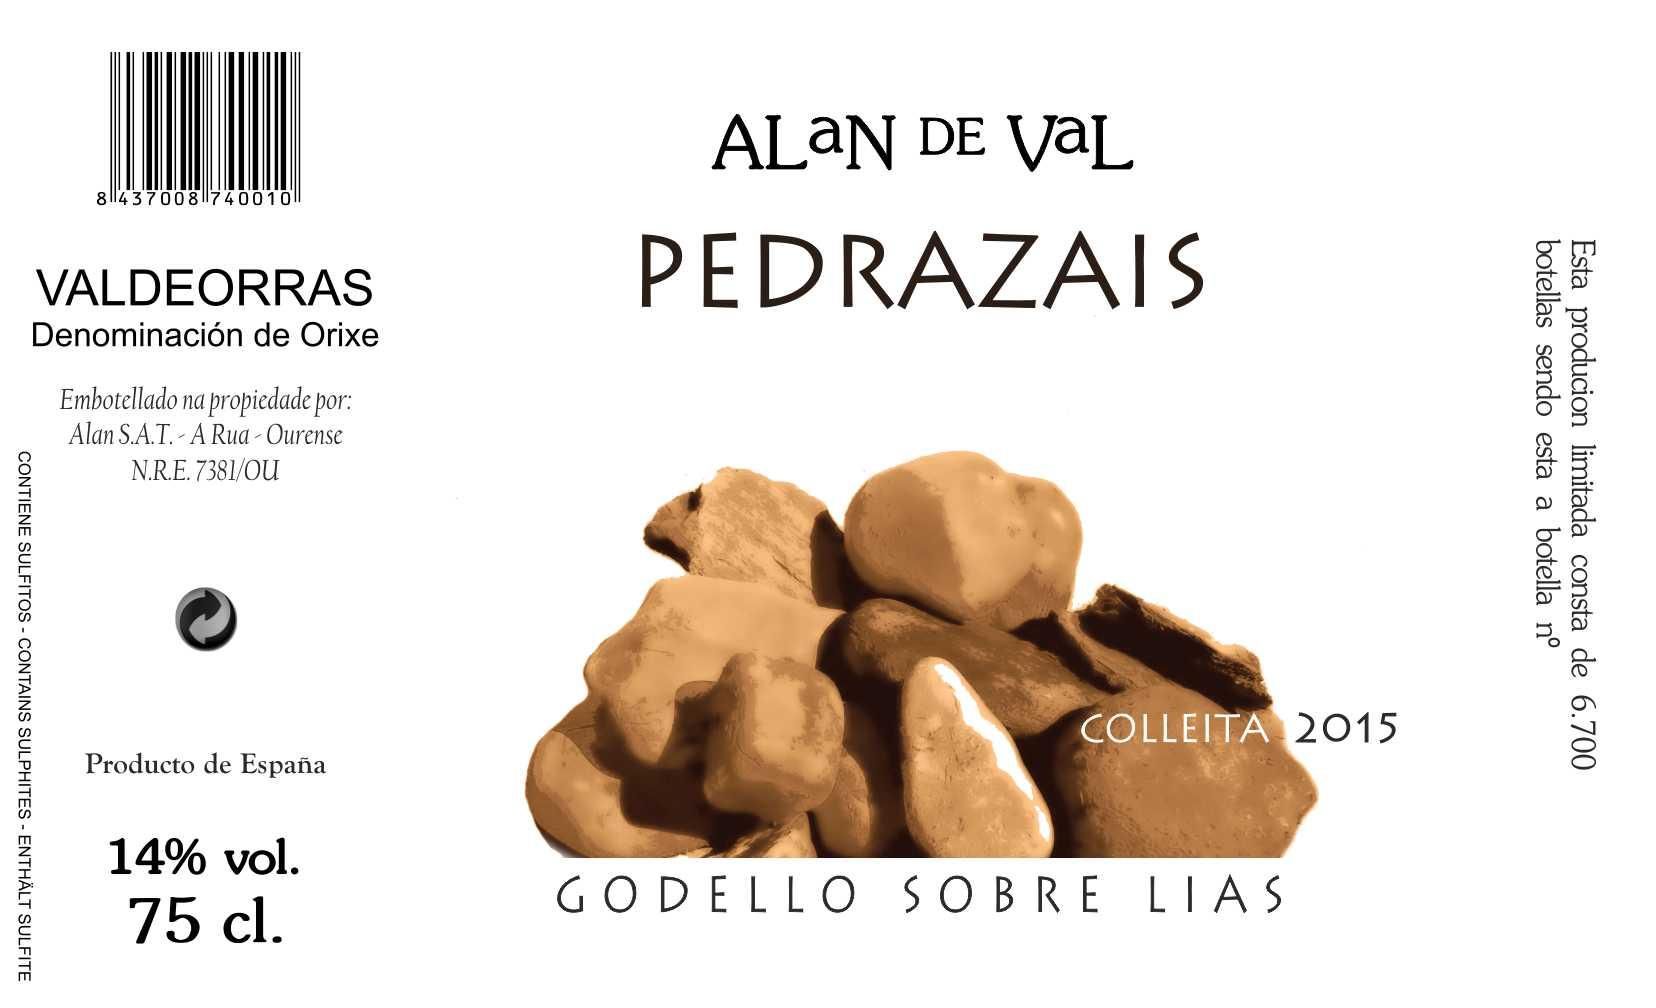 PEDRAZAIS GODELLO LIAS 2015